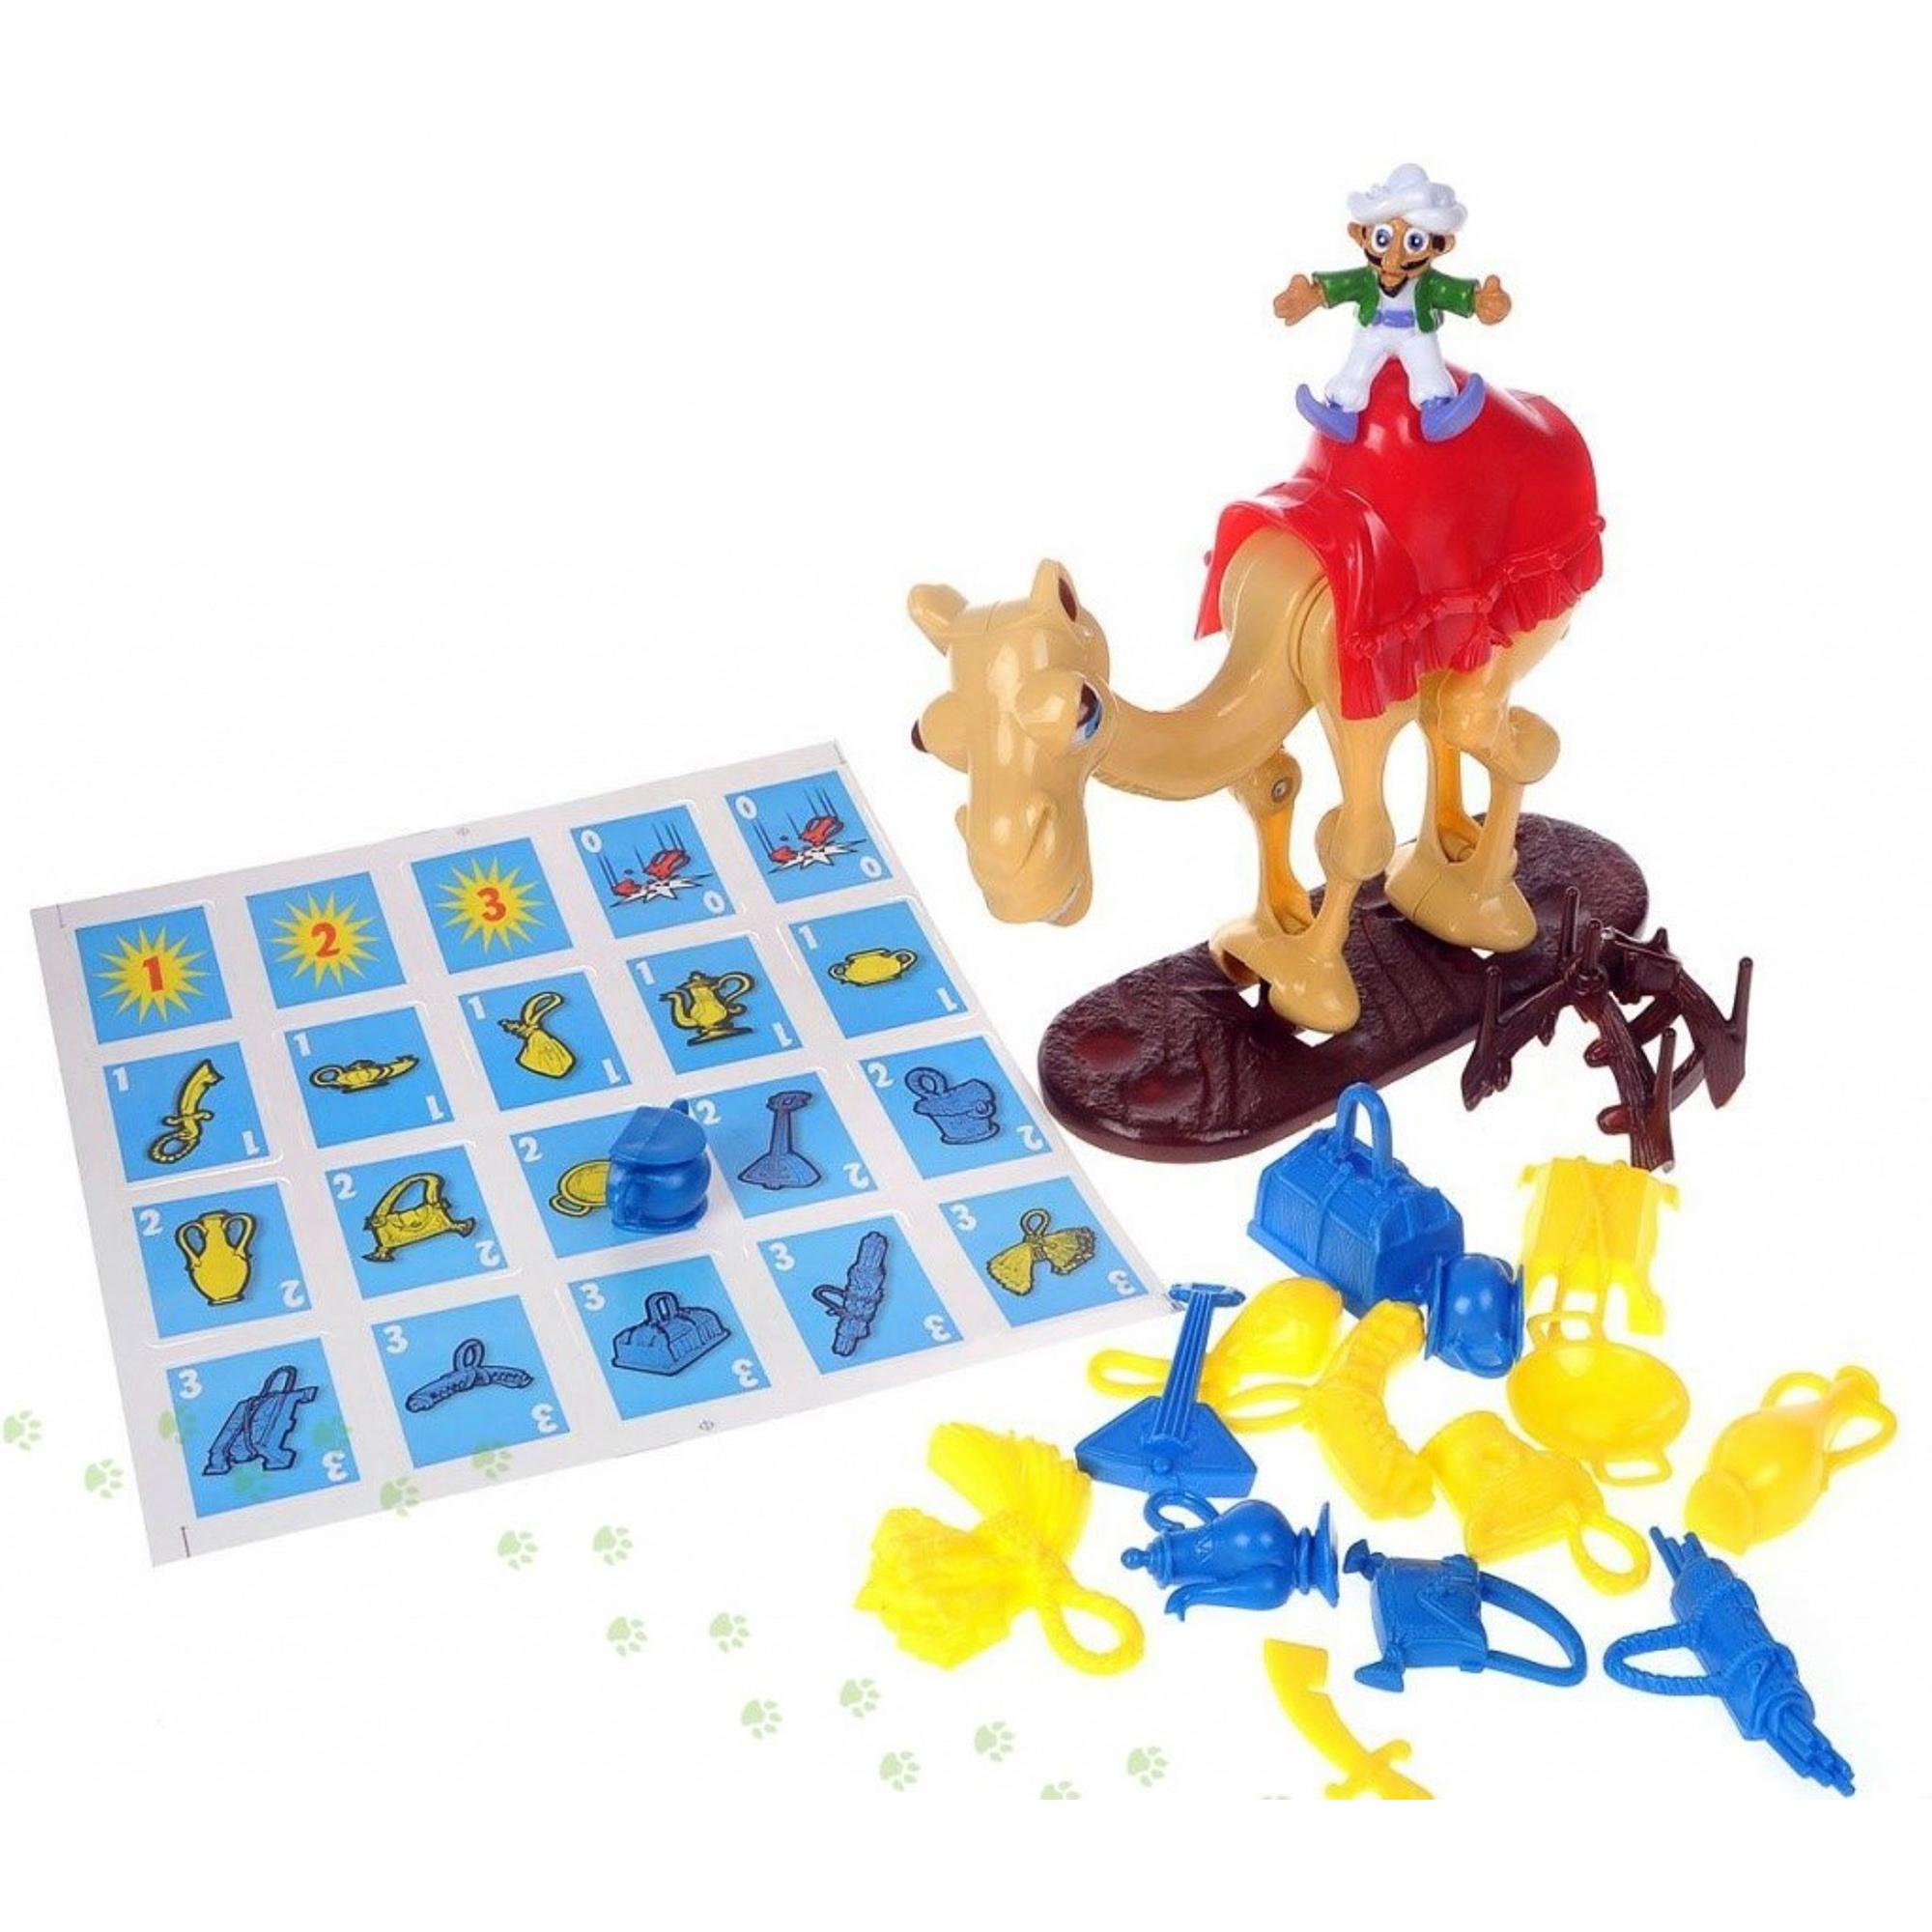 Настольная игра ABtoys Али-Баба и строптивый верблюд